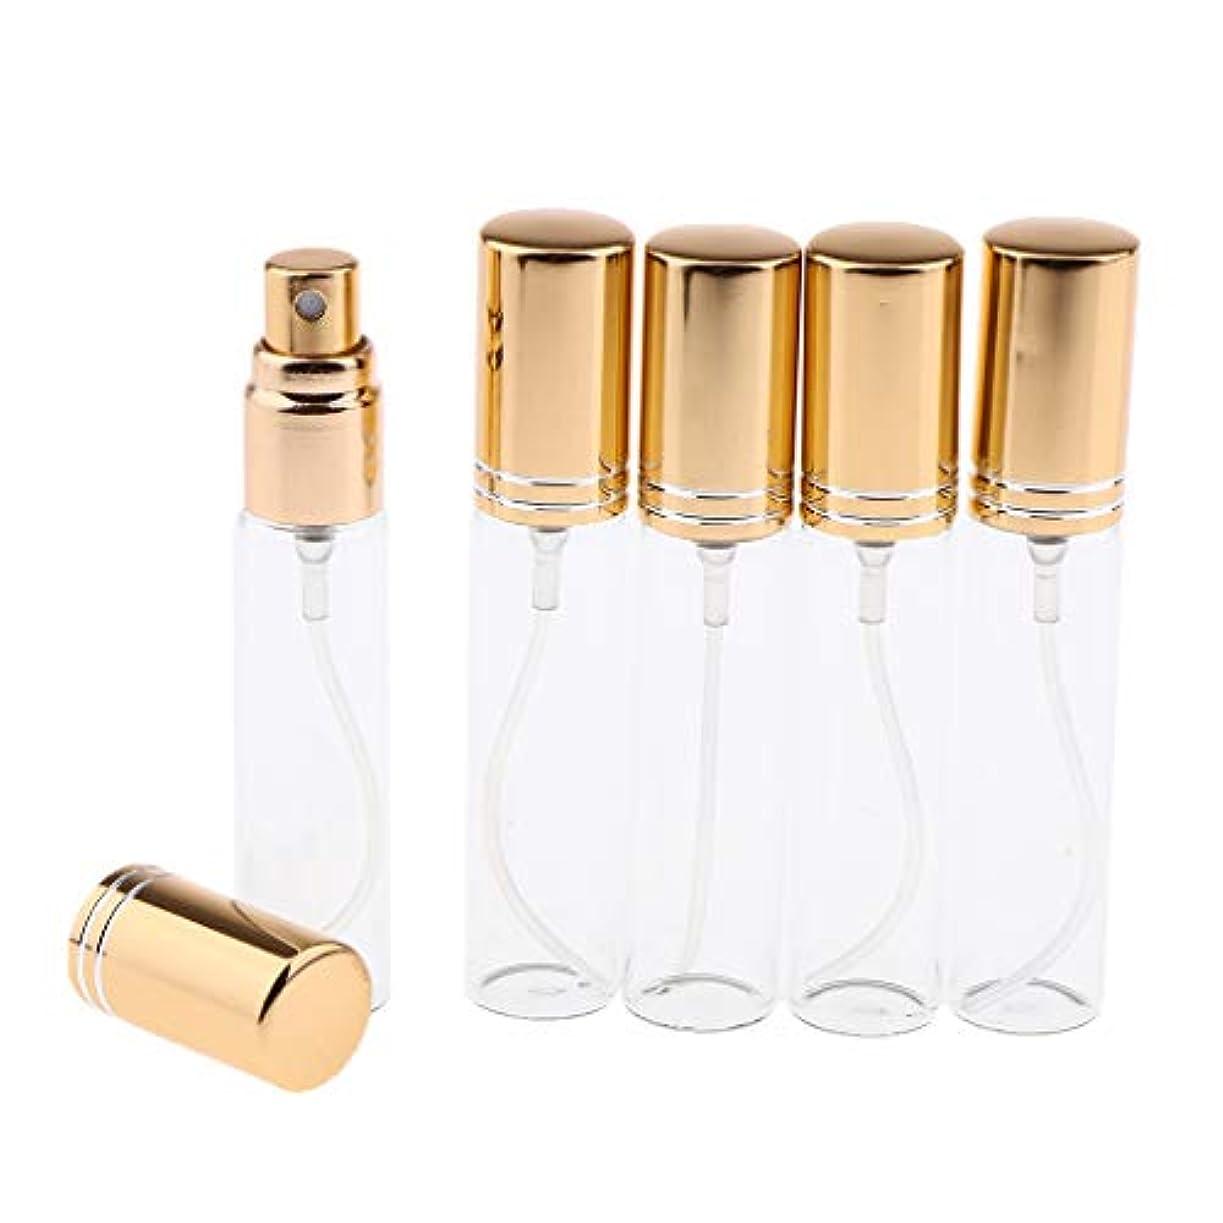 委任ウガンダ風変わりなgazechimp 5個入 香水瓶 スプレーボトル サンプルボトル 空 ガラス瓶 6色選択 - ゴールド